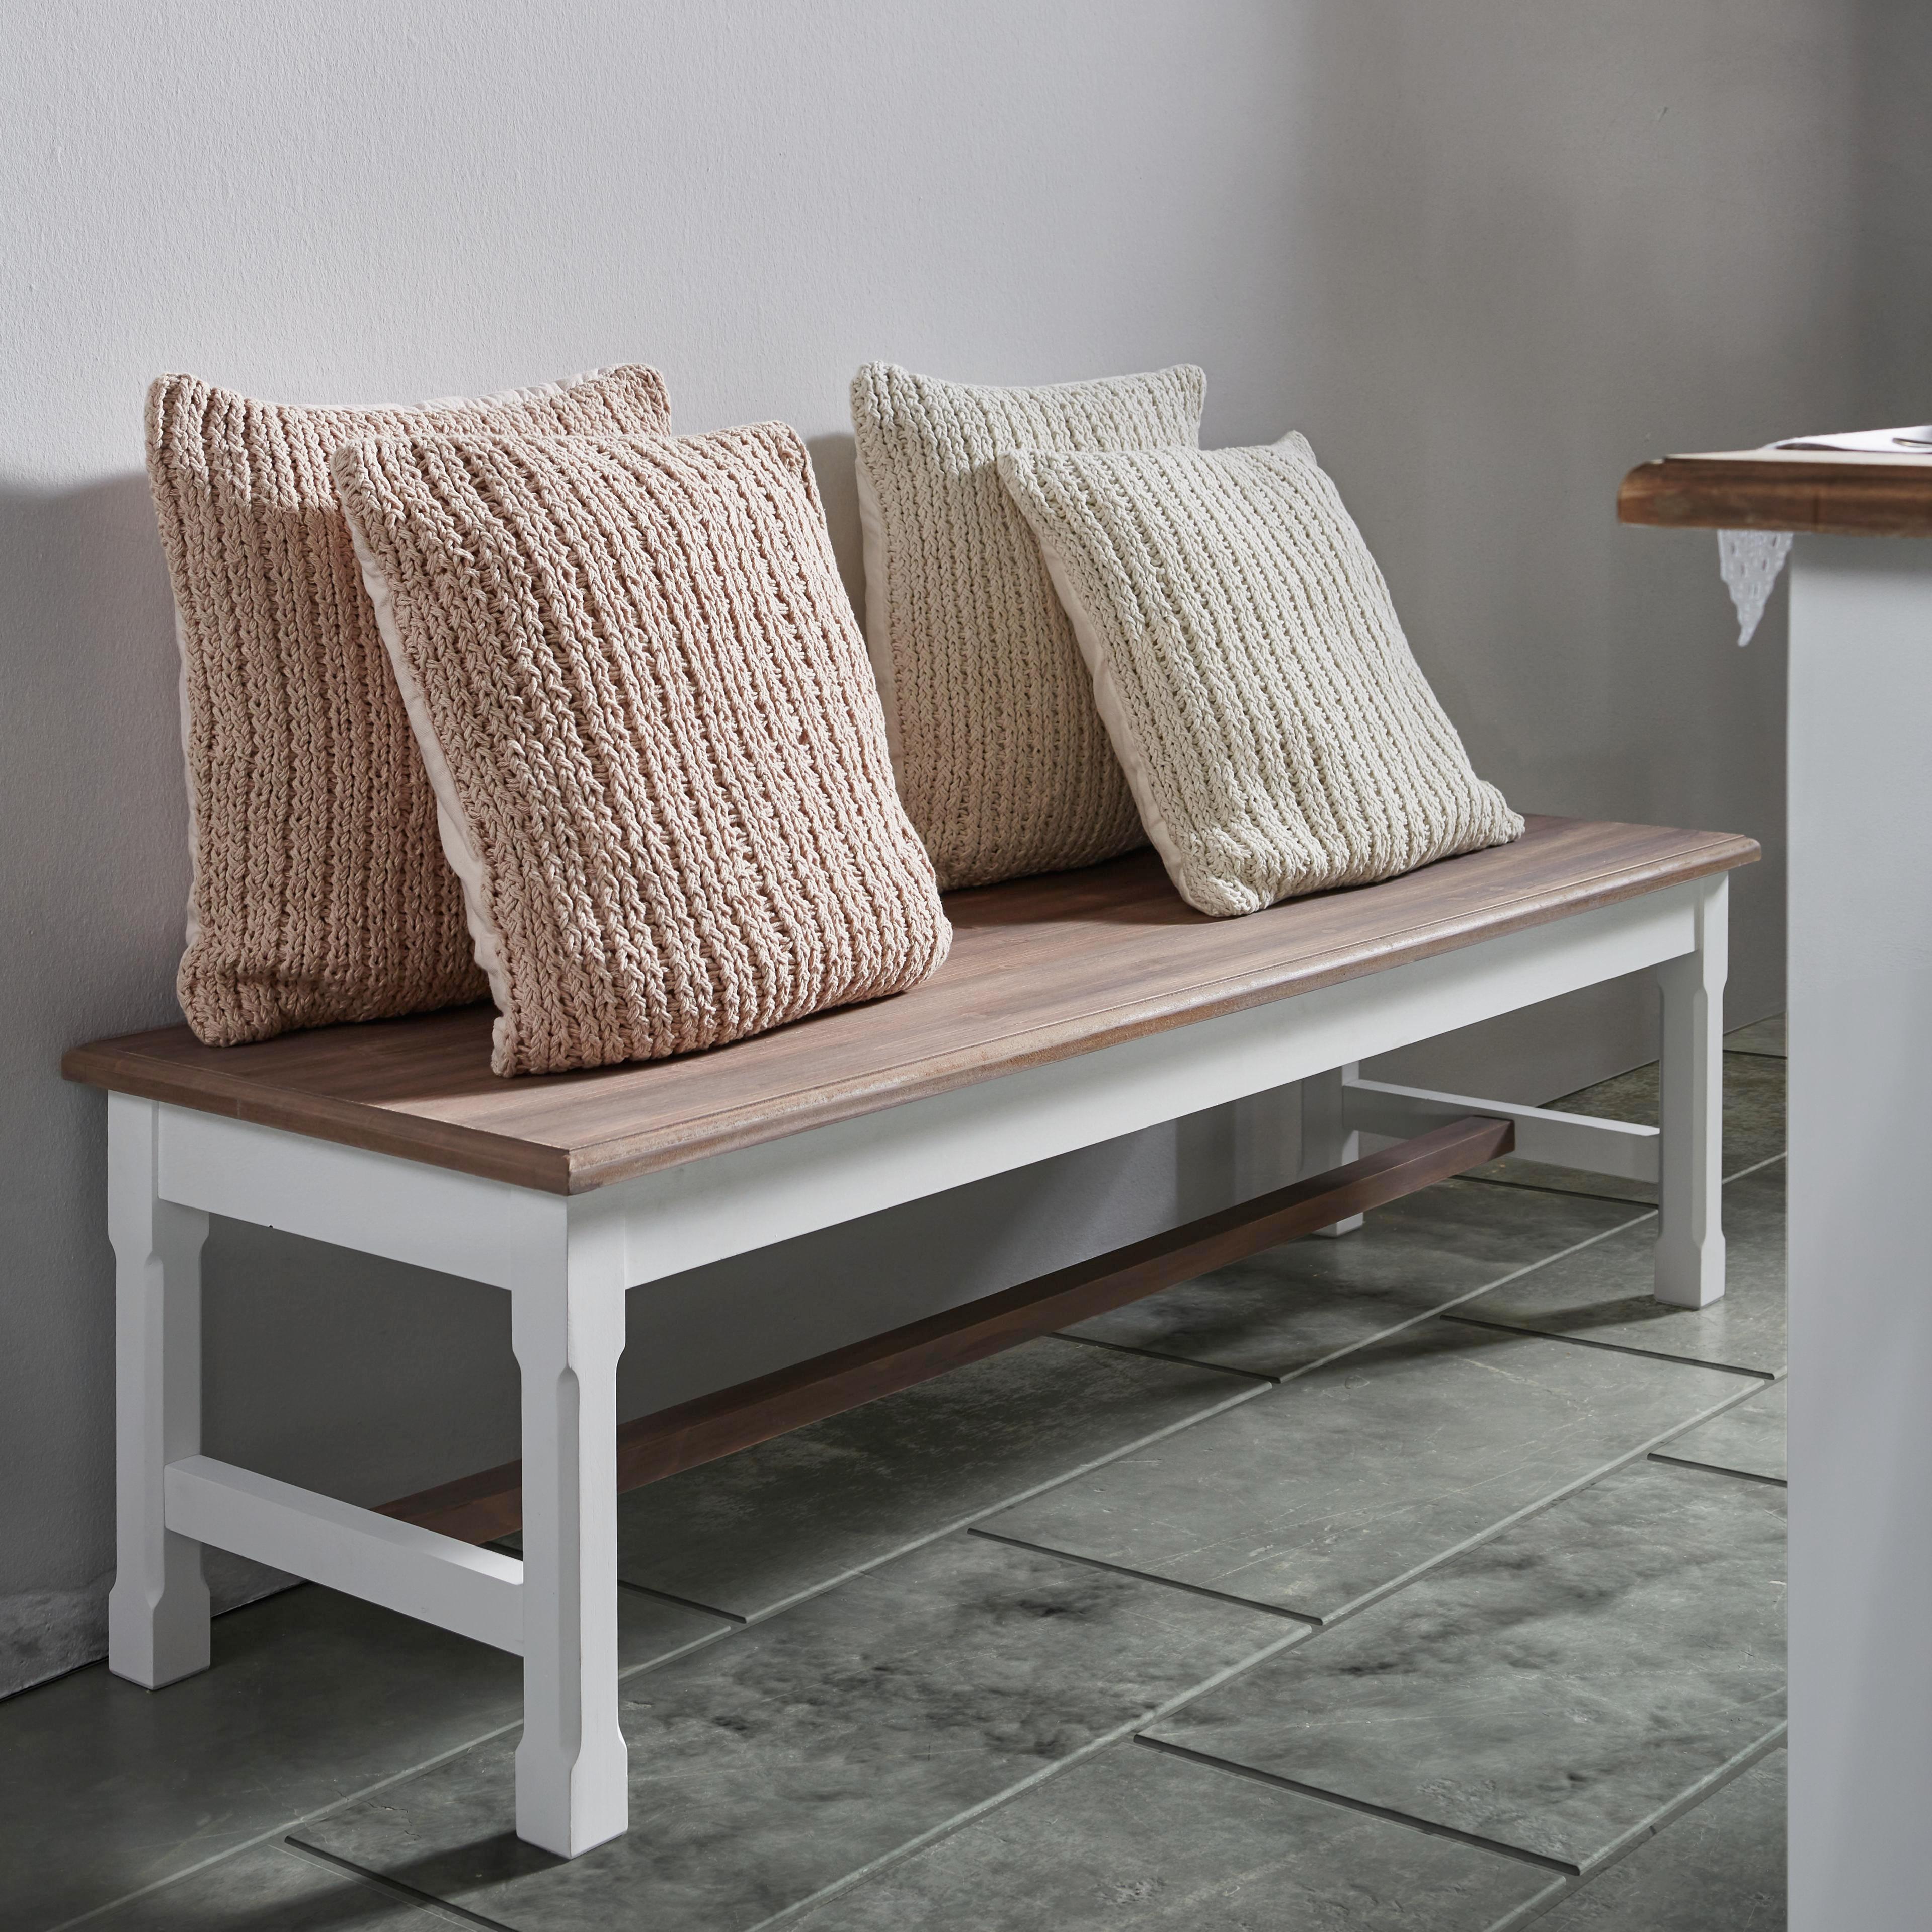 Sitzbank Cookie - Naturfarben/Weiß, ROMANTIK / LANDHAUS, Holz (140/40/45cm) - MODERN LIVING